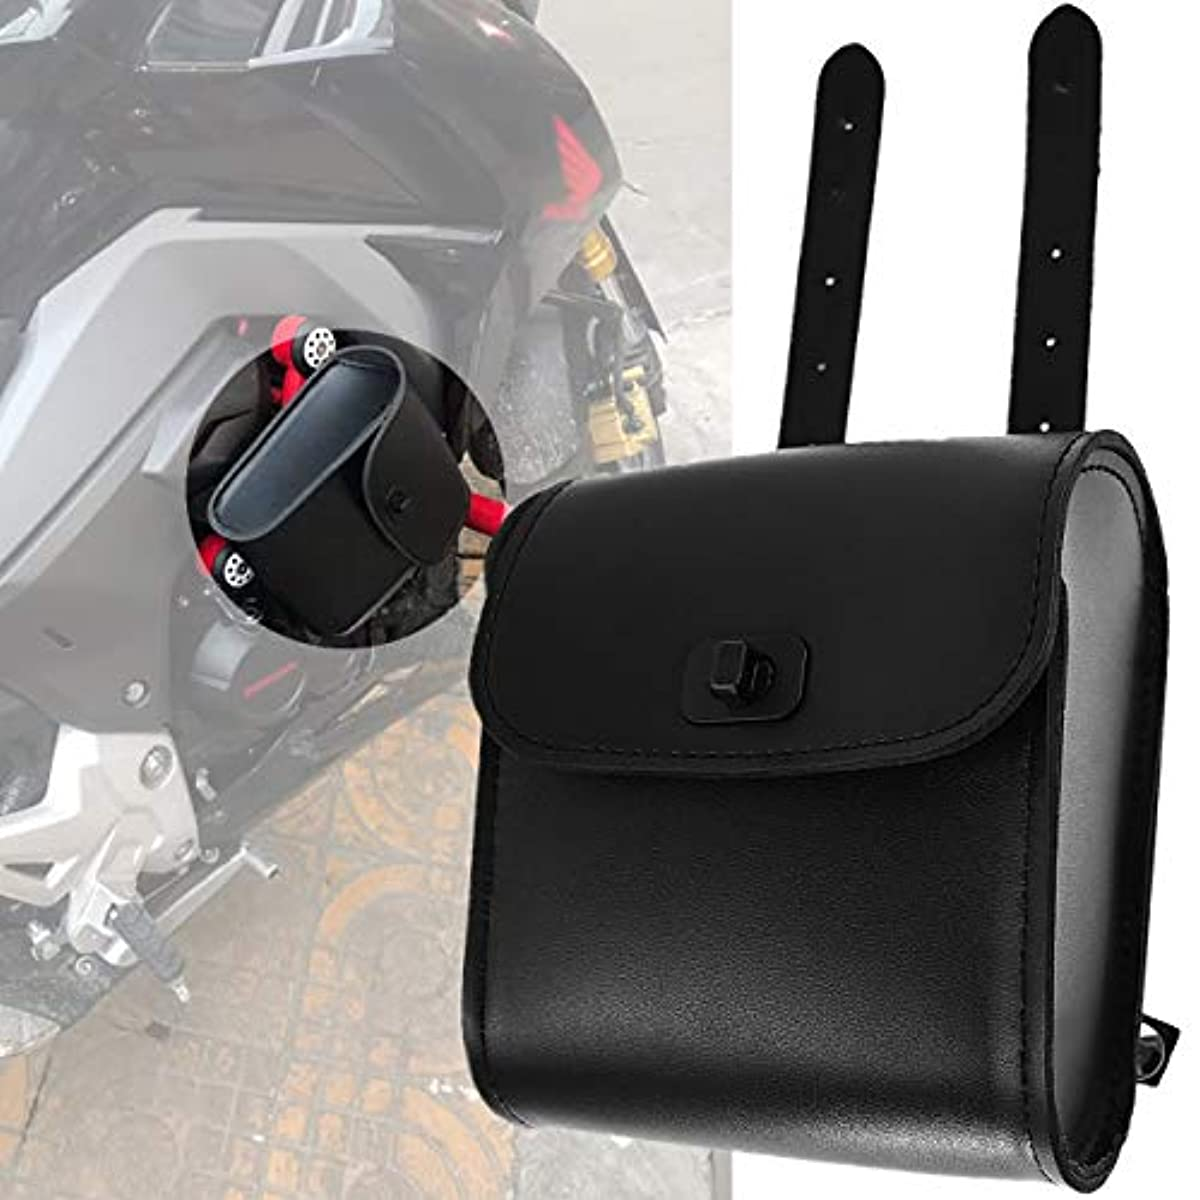 [해외] YHMTIVTU 오토바이 미니 싸이드 화이트 툴 화이트 부속품 상자 범용 HARLEY HONDA YAMAHA SUZUKI에 적용